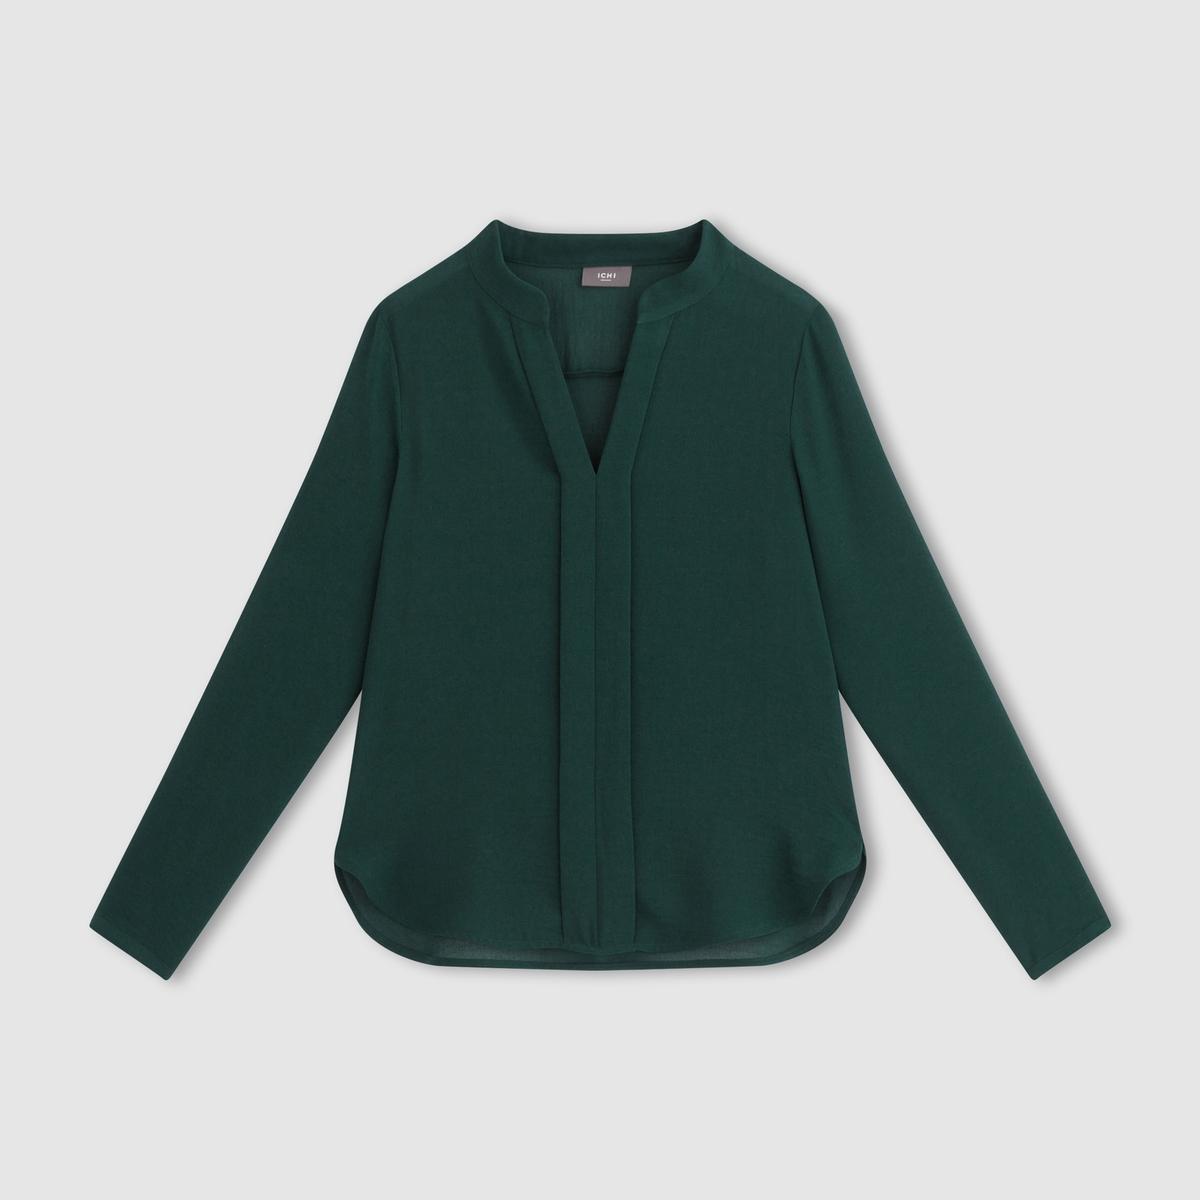 Рубашка с длинными рукавамиСостав и описание  Материал     100% полиэстера   Марка       ICHI<br><br>Цвет: зеленый лесной<br>Размер: S